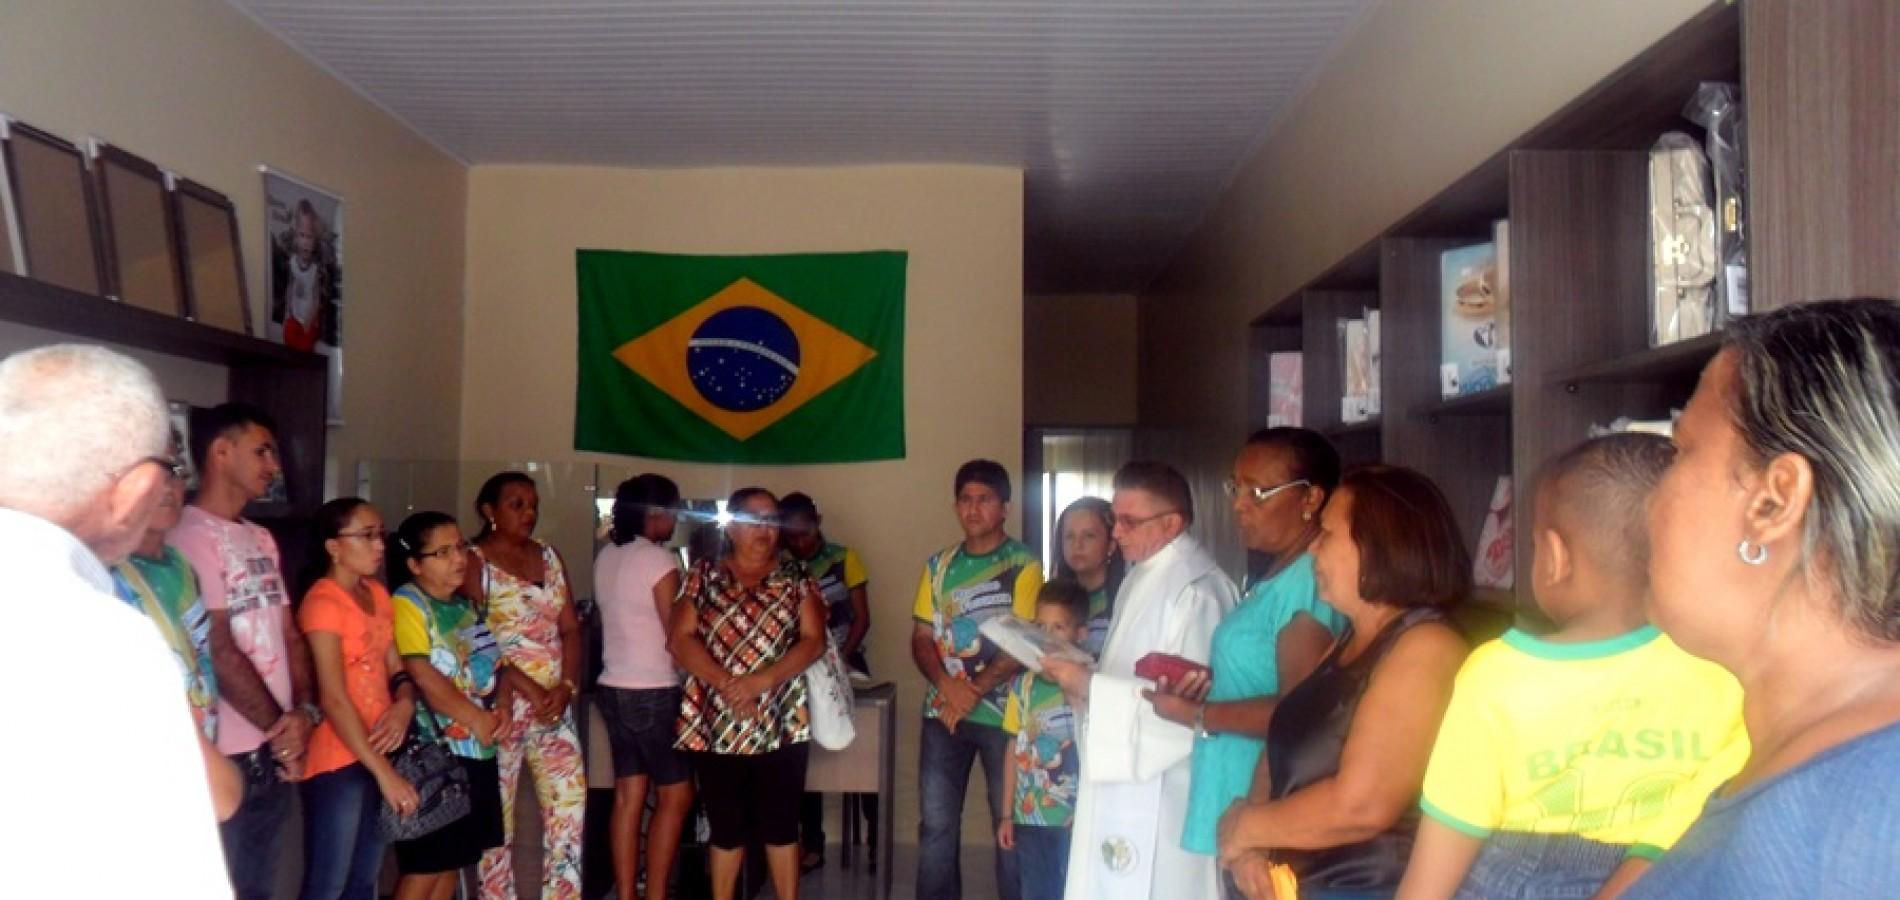 Reginaldo Fotografias inaugura novas instalações em Jaicós; veja fotos